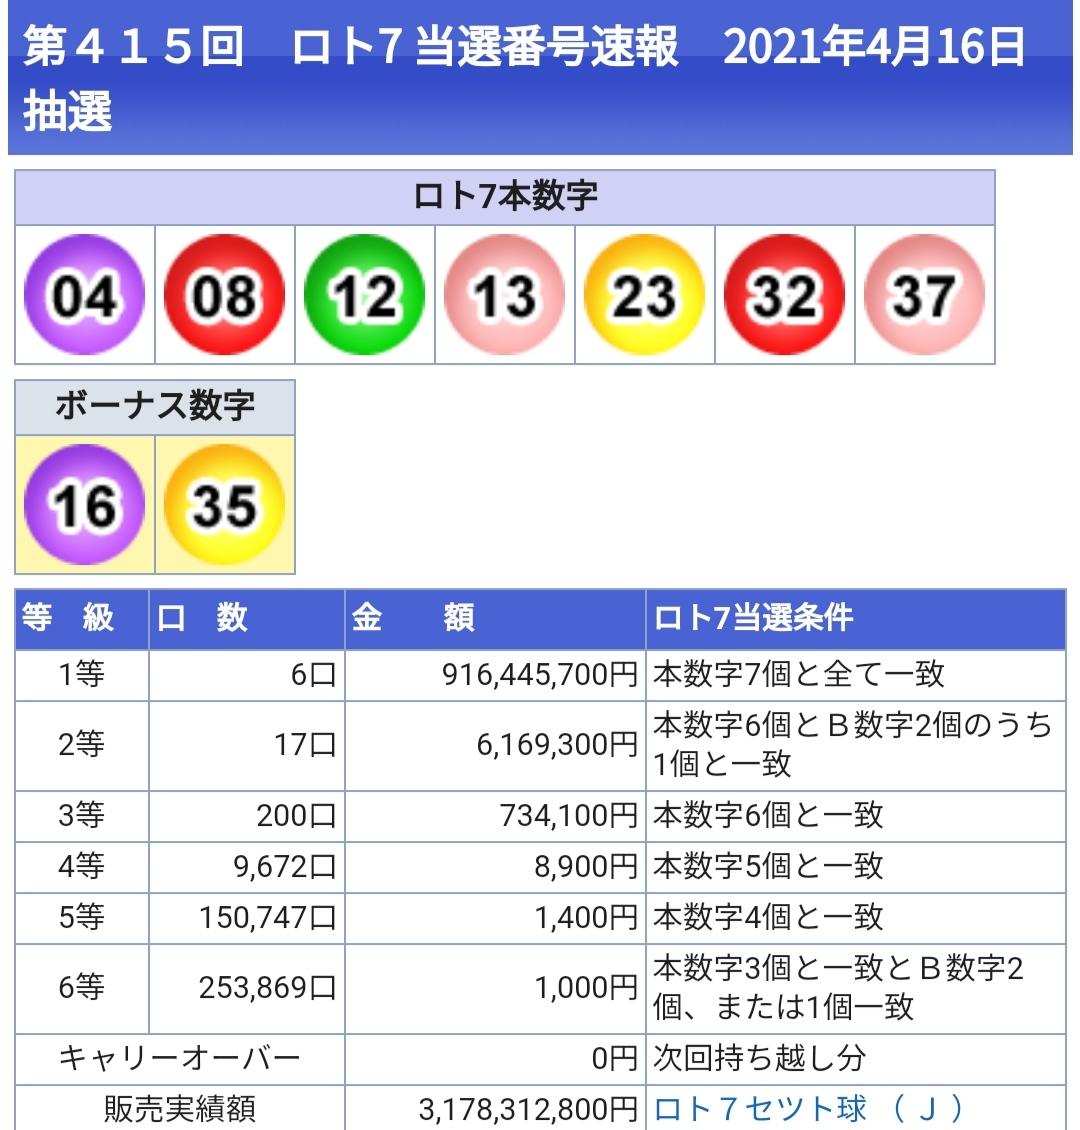 【速報】ロト7で、日本の宝くじ史上最高額の1等55億円が出てしまう!www